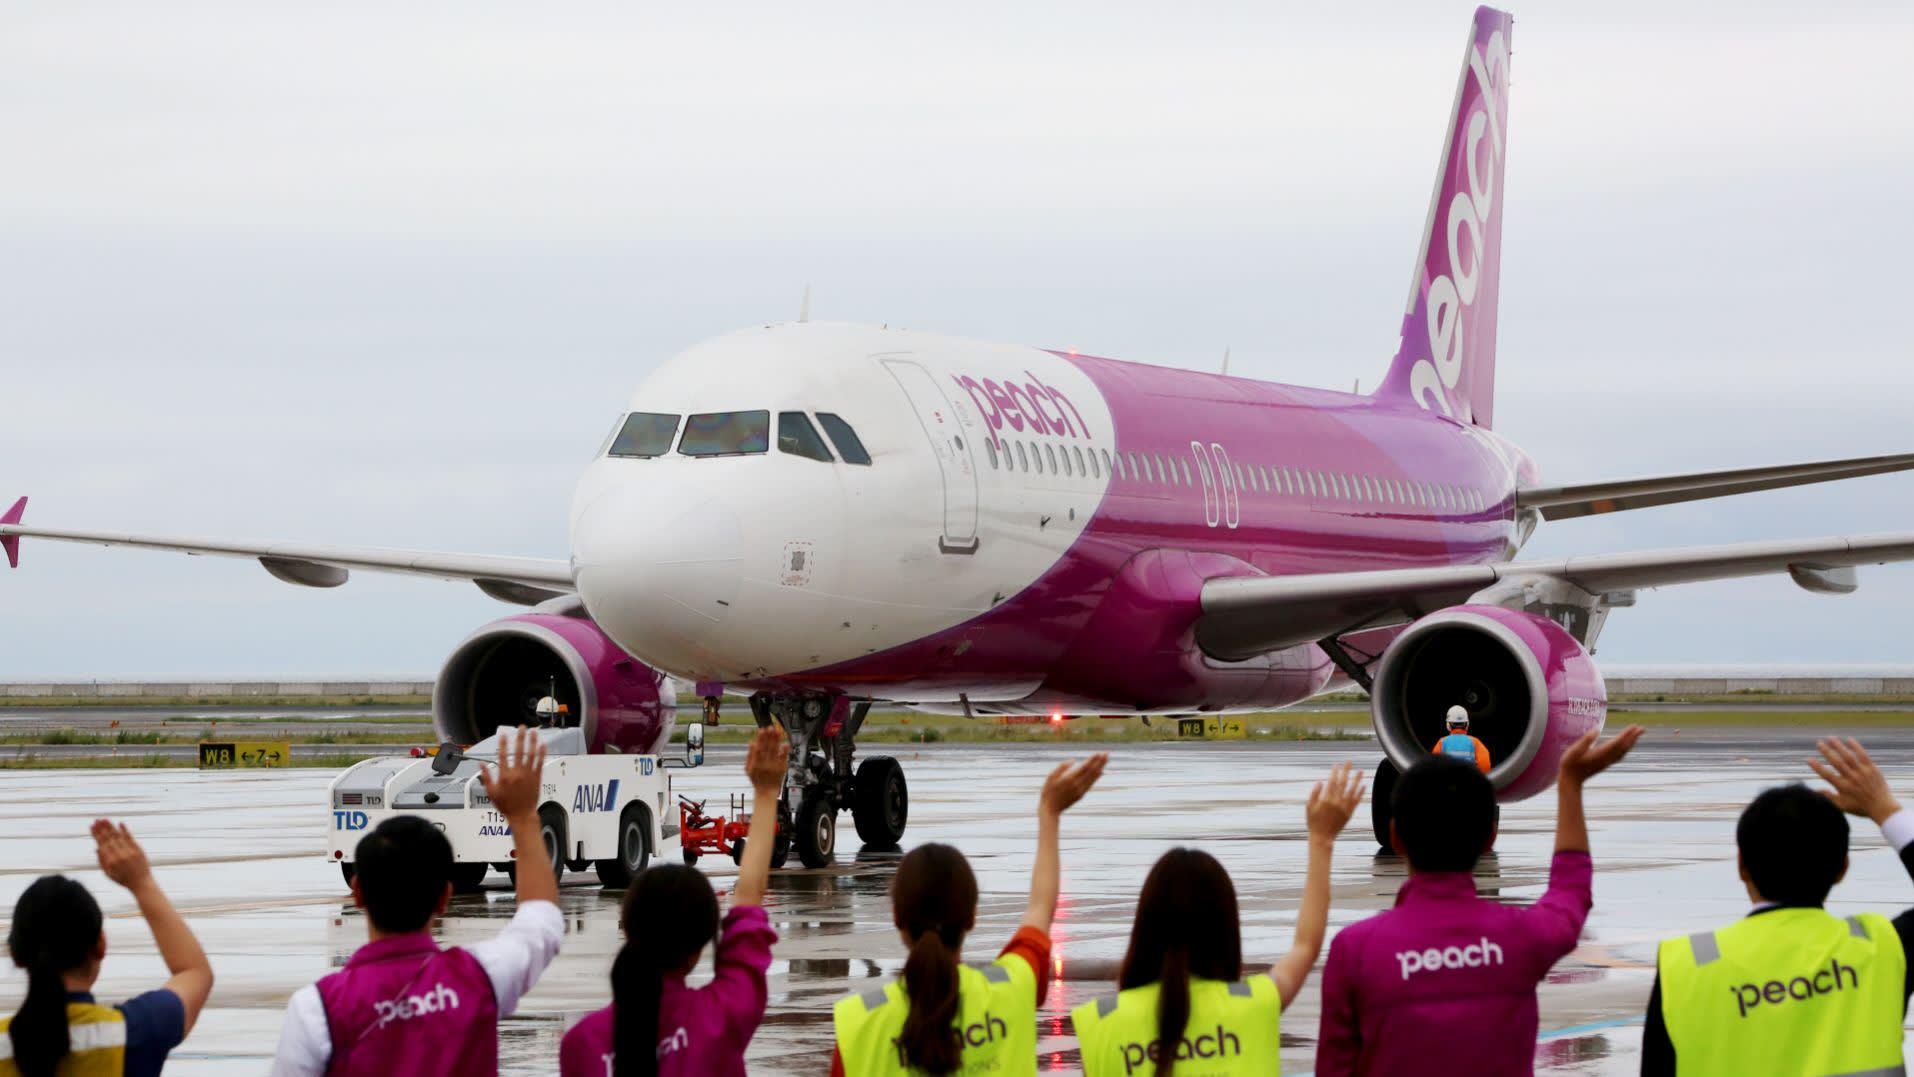 Typhoon Hit Kansai Airport Partially Resumes Intl Flights Nikkei